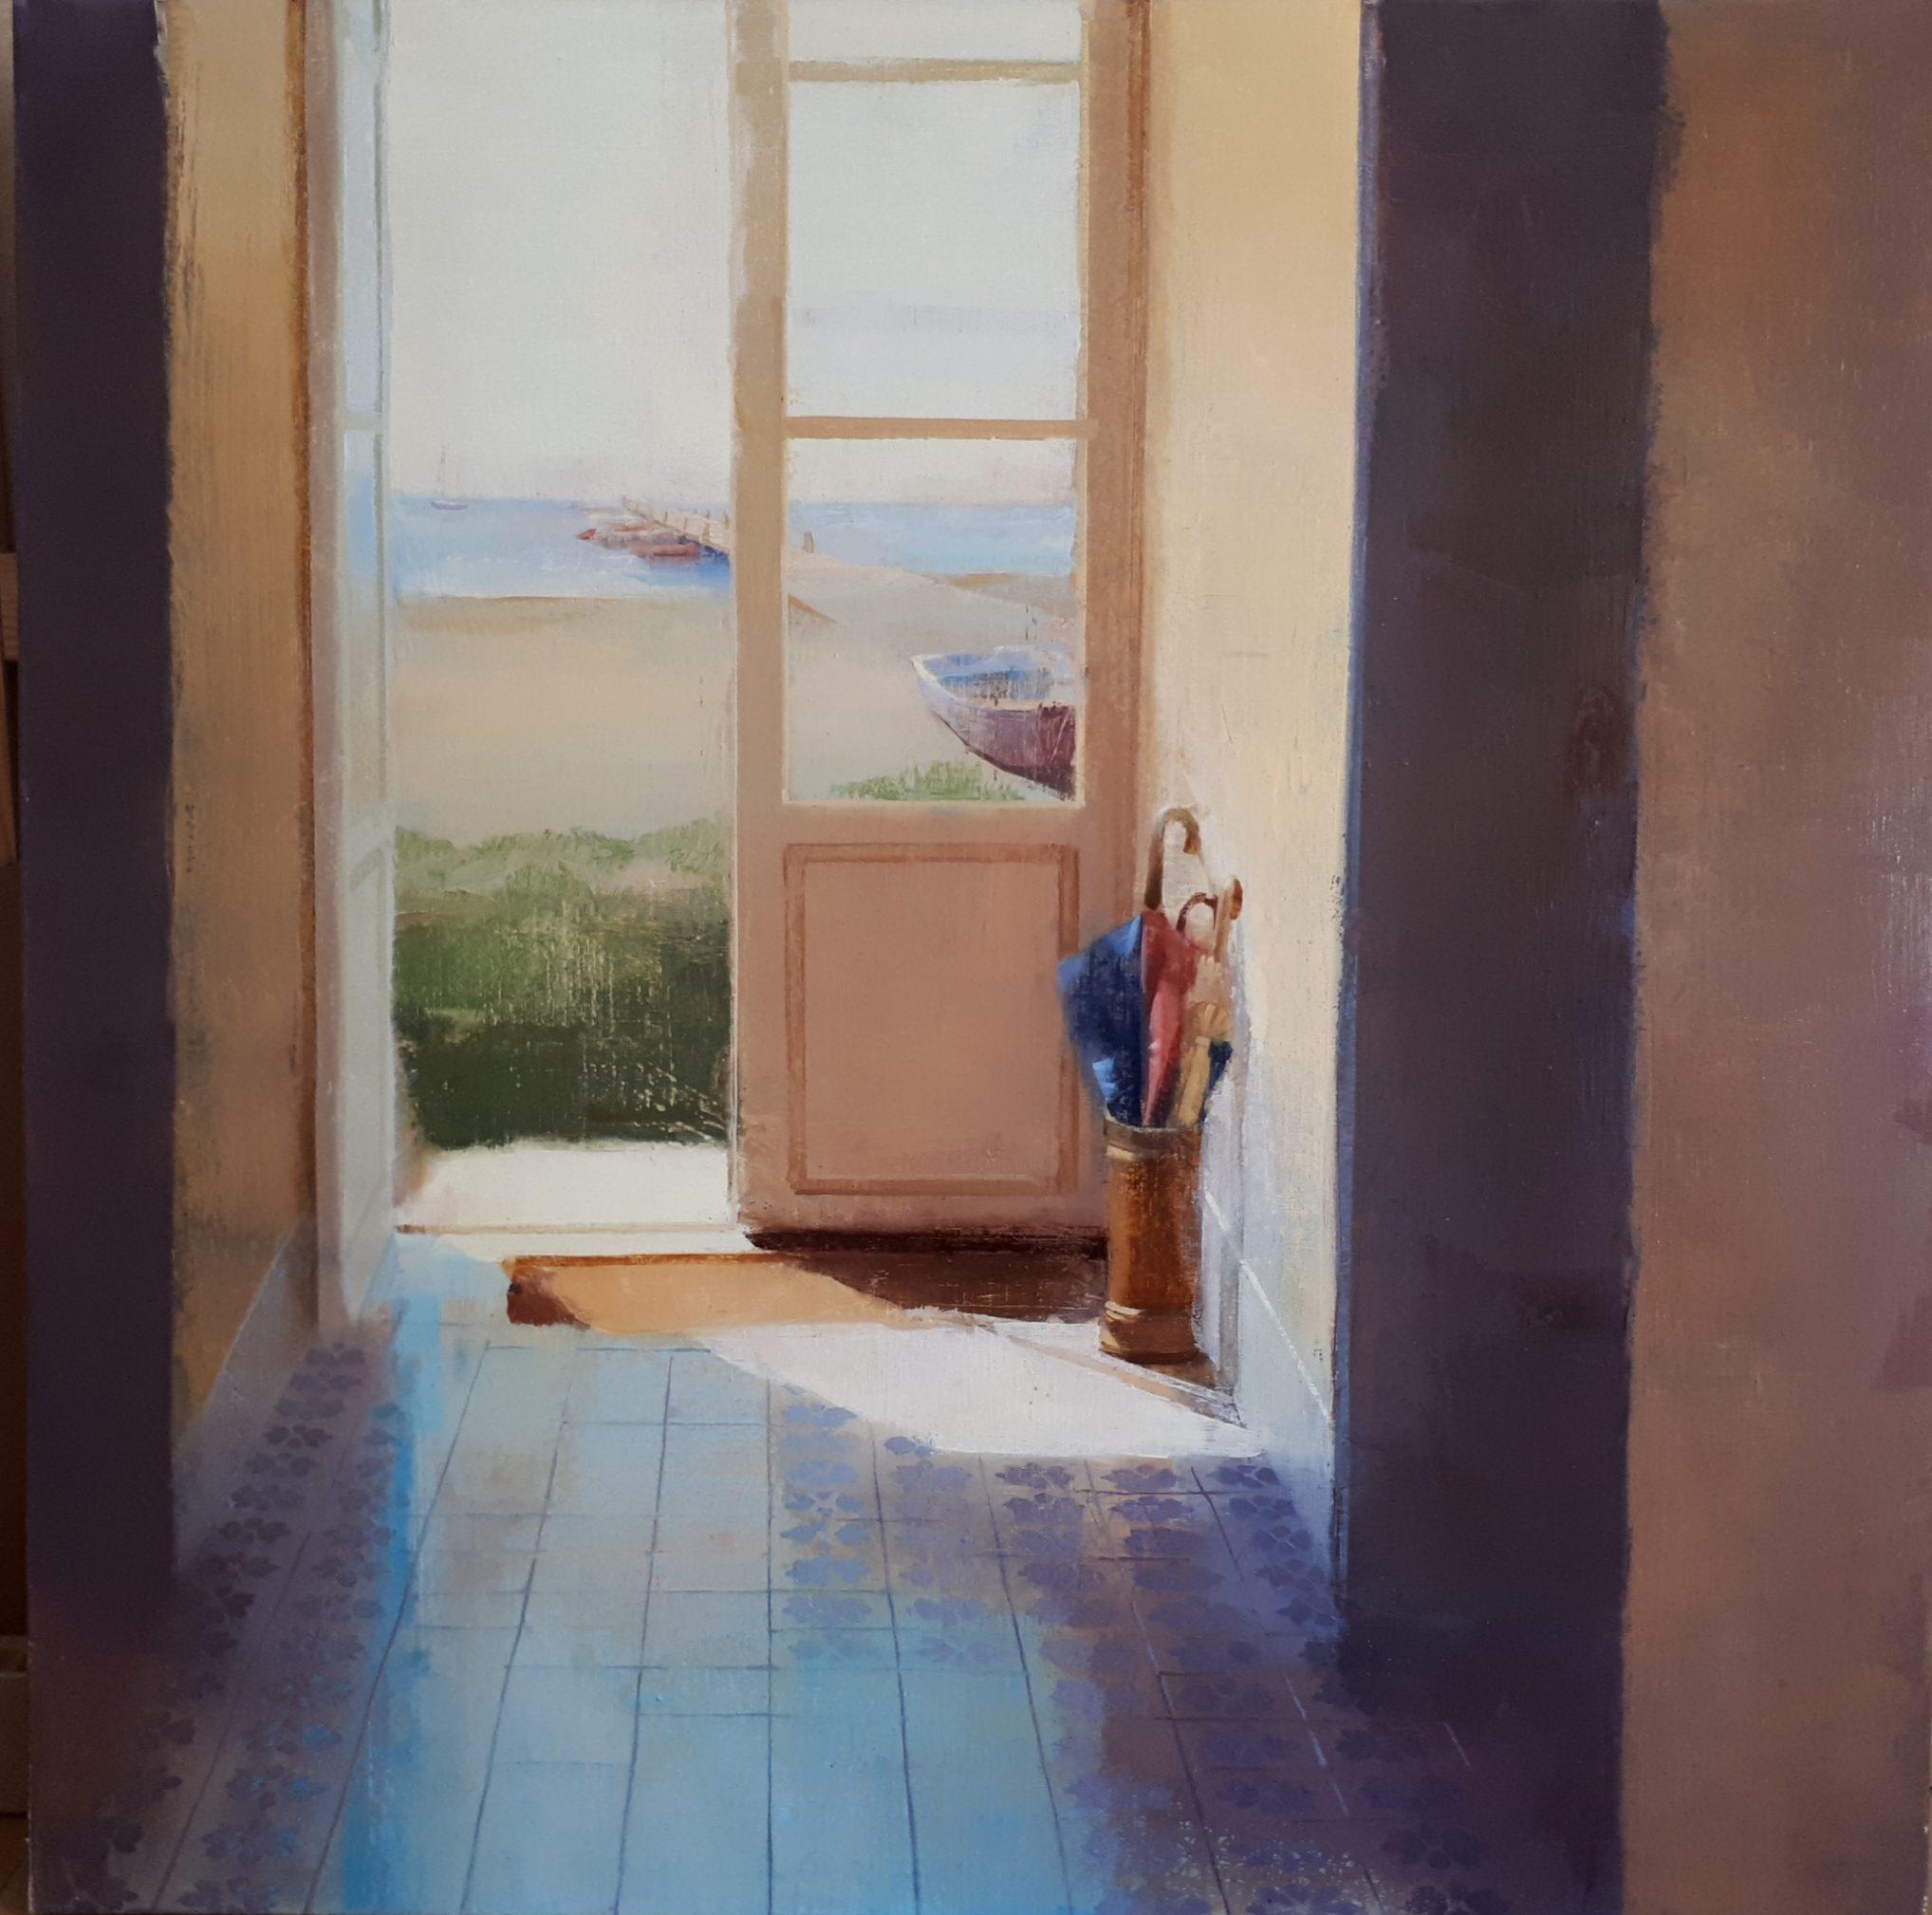 sol-de-mayo-interior-pasillo-luz-sol-playa-mar-alejandra-caballero-oleo